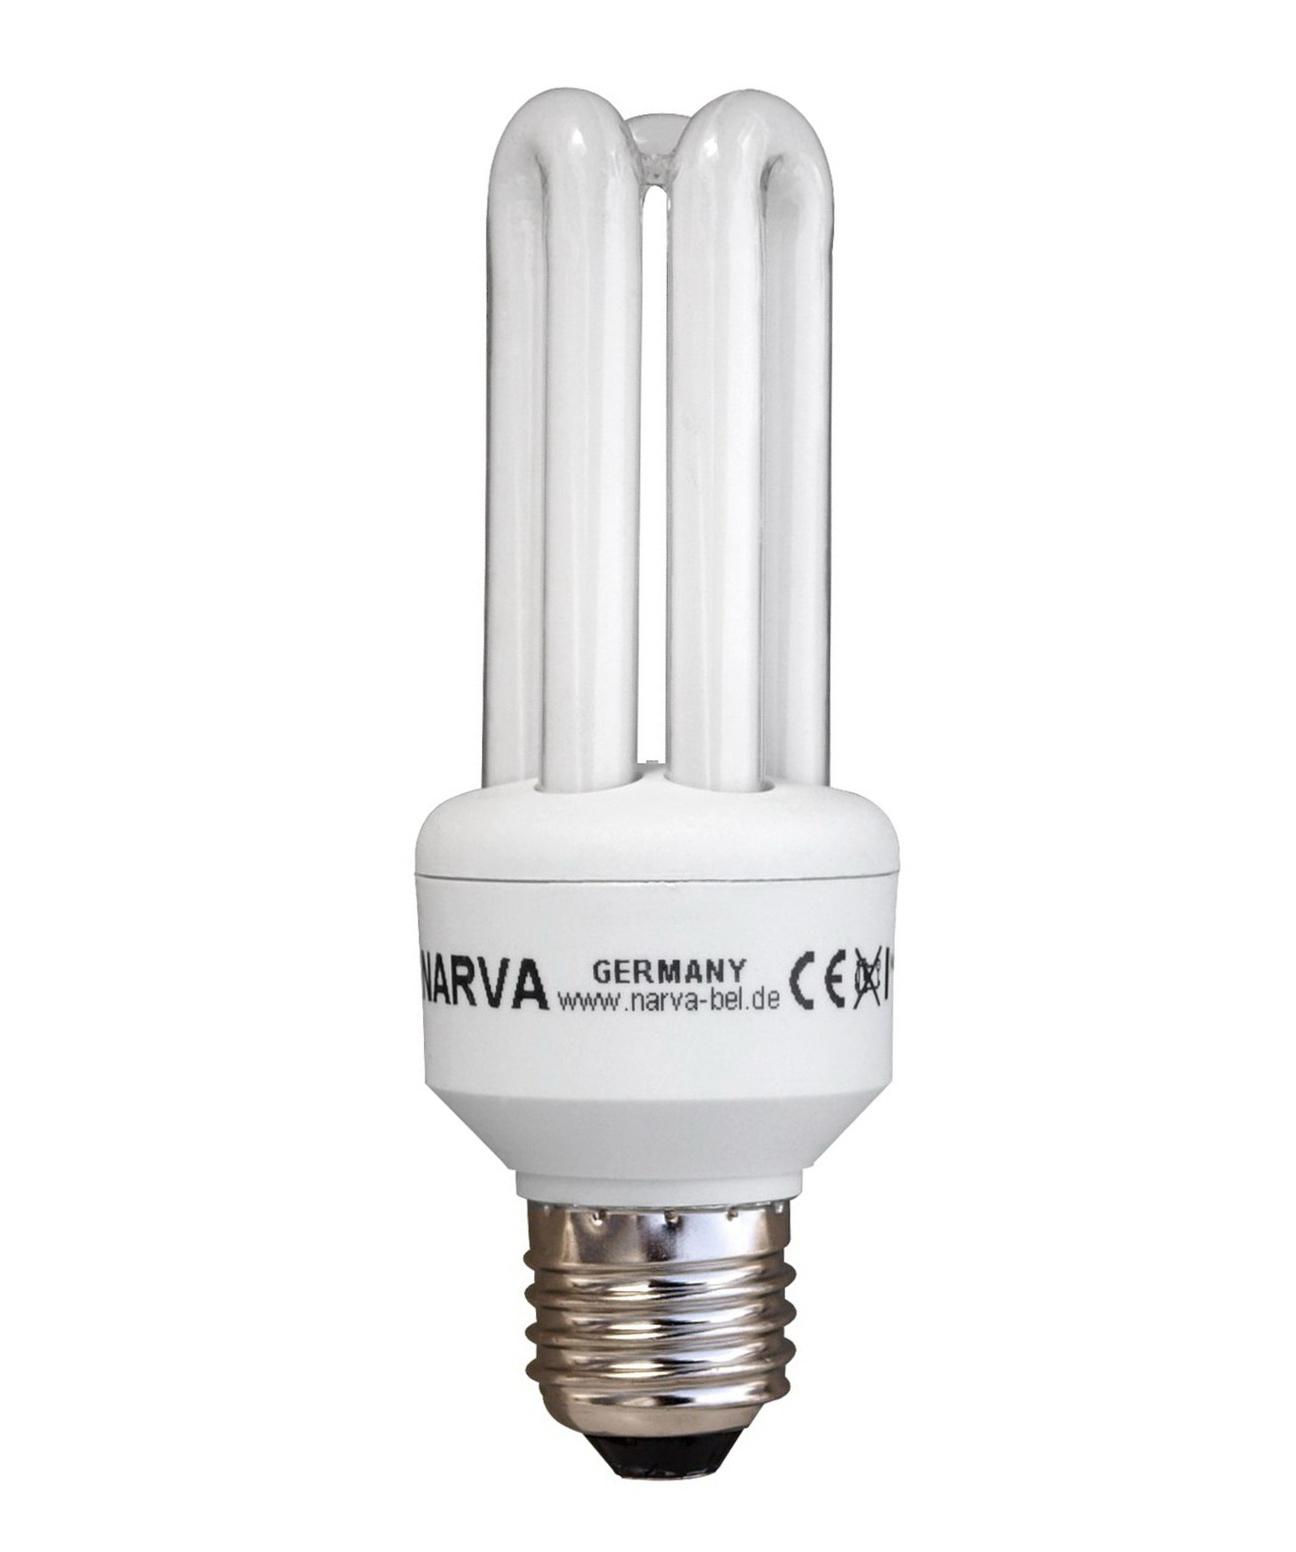 1 Stk KLE-2U 9W/827 E27,Warmweiß comfort, Kompaktleuchtstofflampe LI36109001